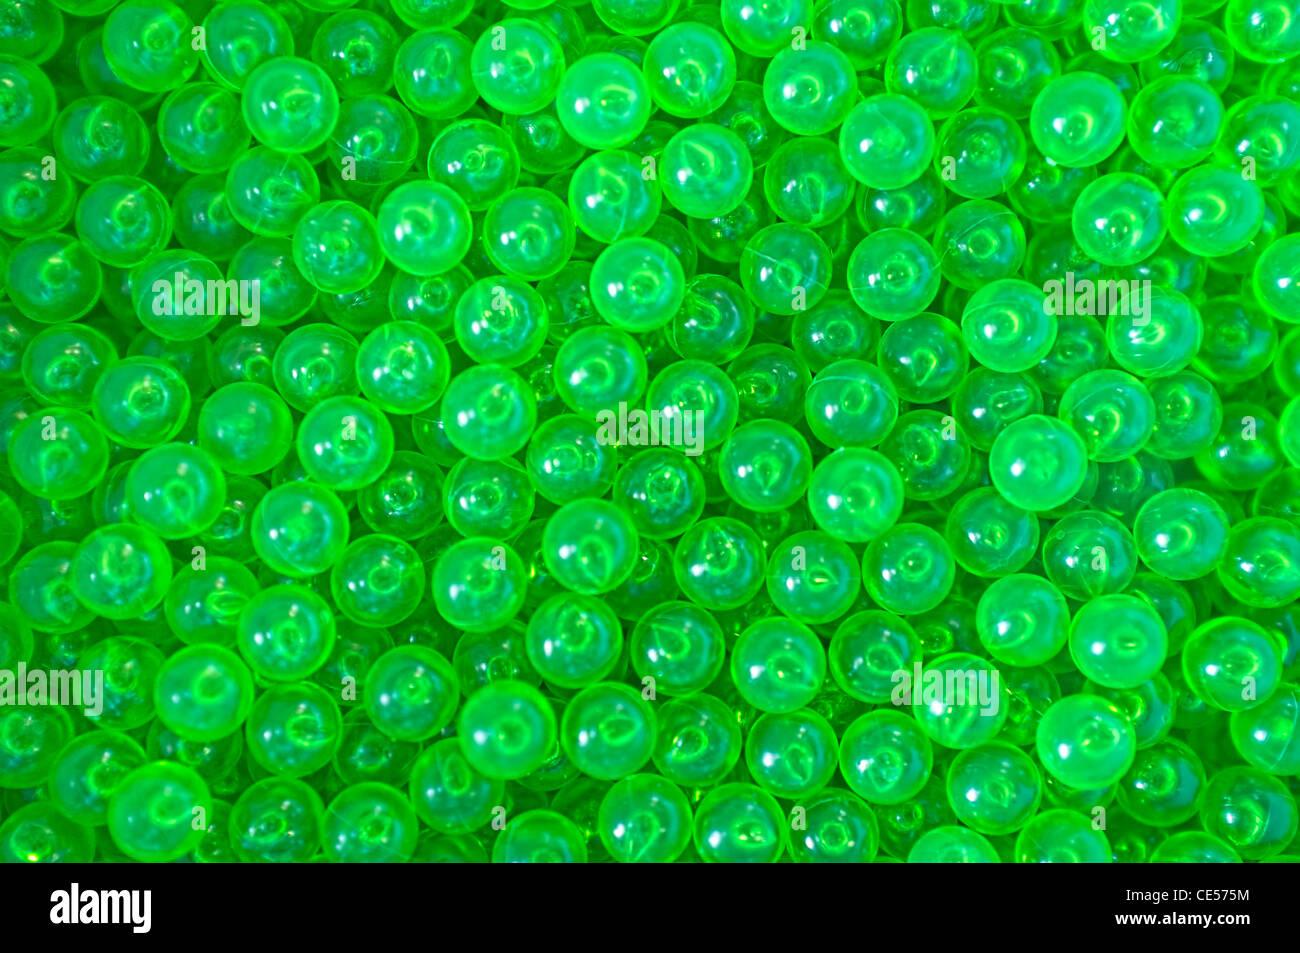 6 Mm Bb Gun Pellets Usable As Green Wallpaper Background Stock